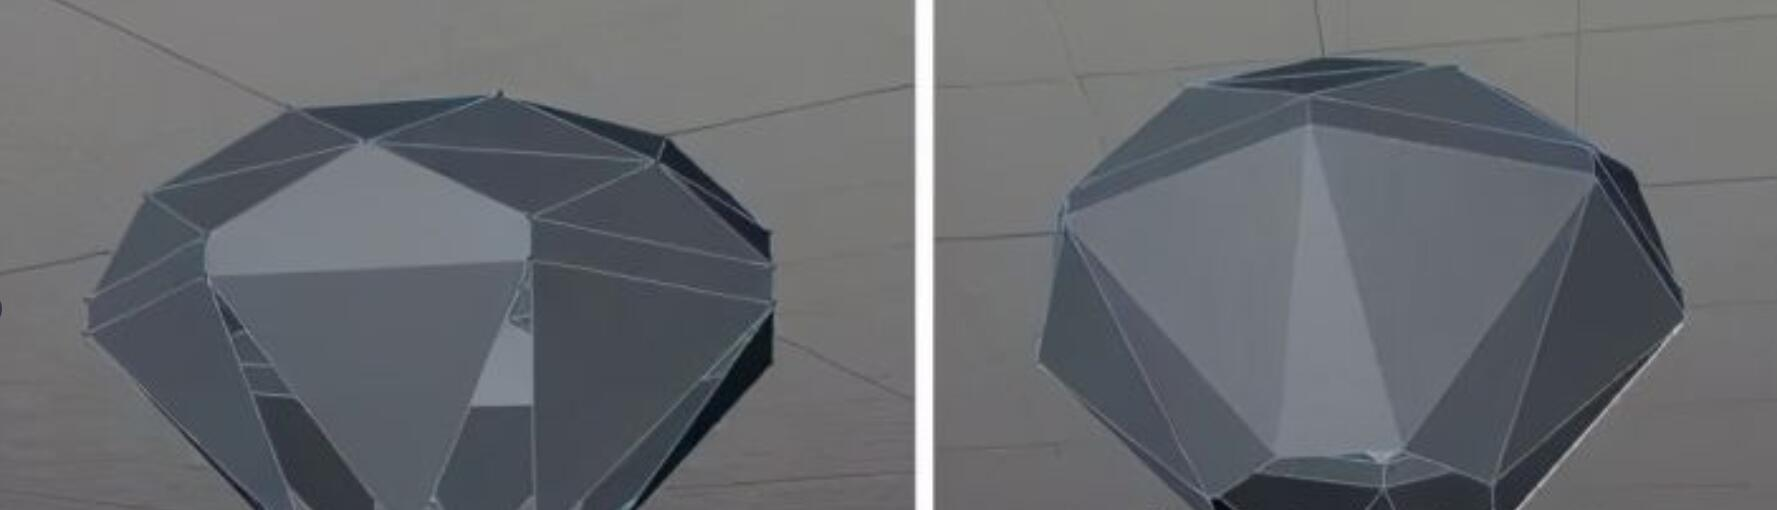 待改-C4D用材质和渲染焦散制作钻石建模(10)